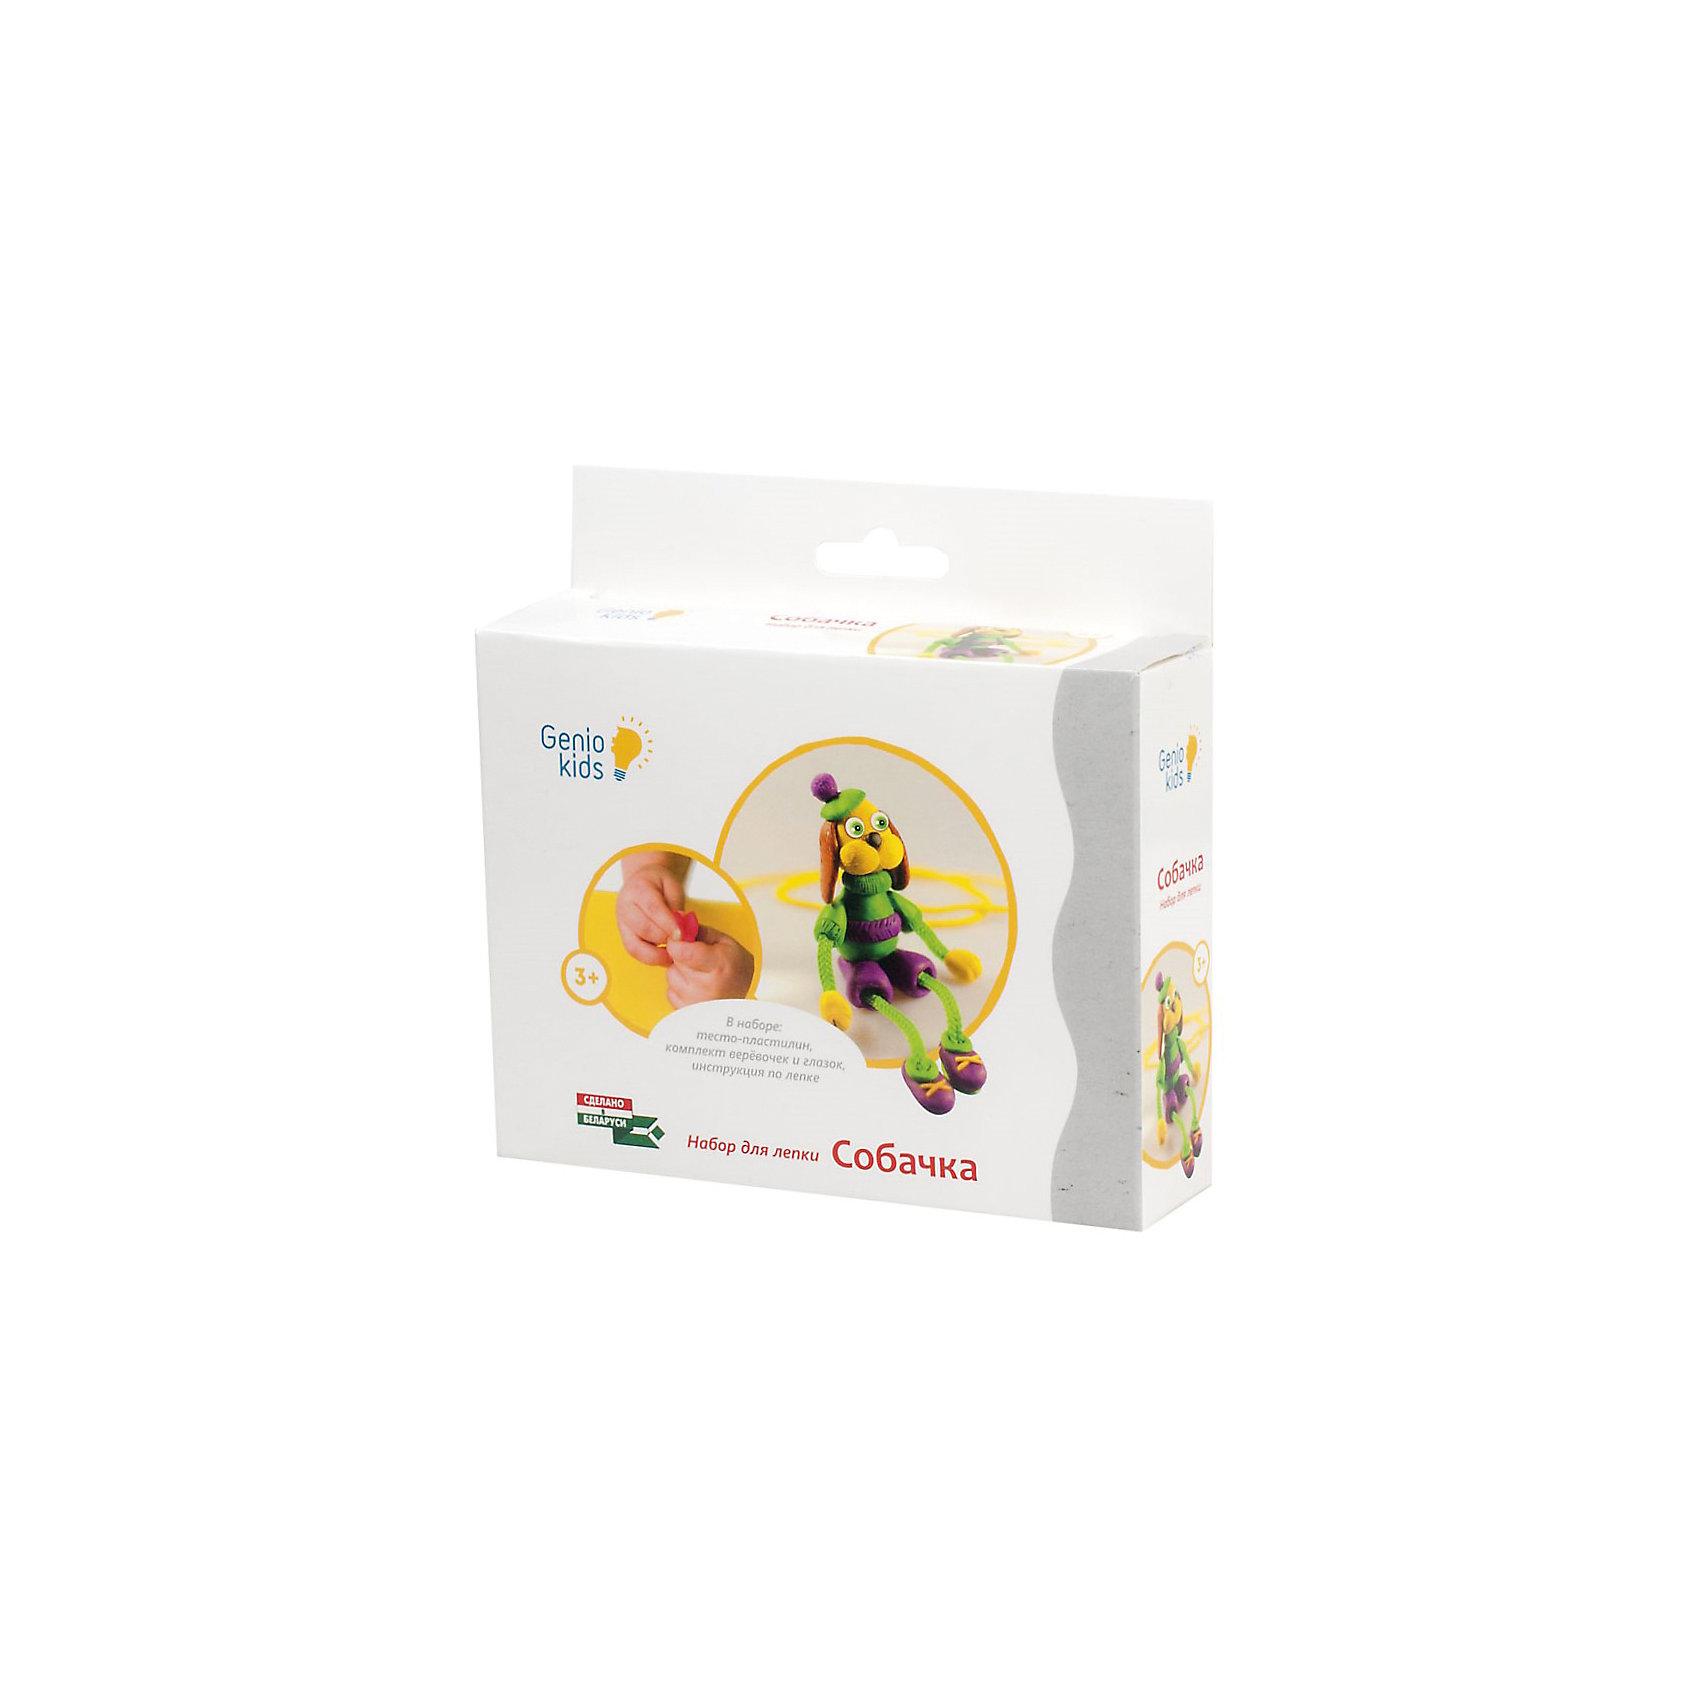 Набор для детского творчества СобачкаЛепка<br>Характеристики товара:<br><br>• упаковка: коробка<br>• комплектация: разноцветное тесто-пластилин, комплект шнурков, для лап, инструкция по лепке<br>• материал: пшеничная мука<br>• цветов: 4<br>• вес одного пакета с пластилином: 20 г<br>• возраст: от трех лет<br>• развивающая<br>• страна бренда: Беларусь<br>• страна производства: Беларусь<br><br>Лепка из пластилина - отличный способ занять ребенка. Это не только занимательно, но и очень полезно! С помощью такого набора для творчества ребенок сможет научиться делать фигурку собачки с помощью инструкции, а дальше - делать более сложные предметы. Тесто-пластилин - это натуральный и безопасный маетриал из пшеничной муки. В комплекте - пластилин разхных расцветок и предметы для создания фигурки.<br>Такое занятие помогает детям развивать многие важные навыки и способности: они тренируют внимание, память, логику, мышление, мелкую моторику, а также усидчивость и аккуратность. Изделие производится из качественных сертифицированных материалов, безопасных даже для самых маленьких.<br><br>Набор для детского творчества Собачка от бренда Genio Kids можно купить в нашем интернет-магазине.<br><br>Ширина мм: 145<br>Глубина мм: 140<br>Высота мм: 40<br>Вес г: 150<br>Возраст от месяцев: 36<br>Возраст до месяцев: 108<br>Пол: Унисекс<br>Возраст: Детский<br>SKU: 5018318